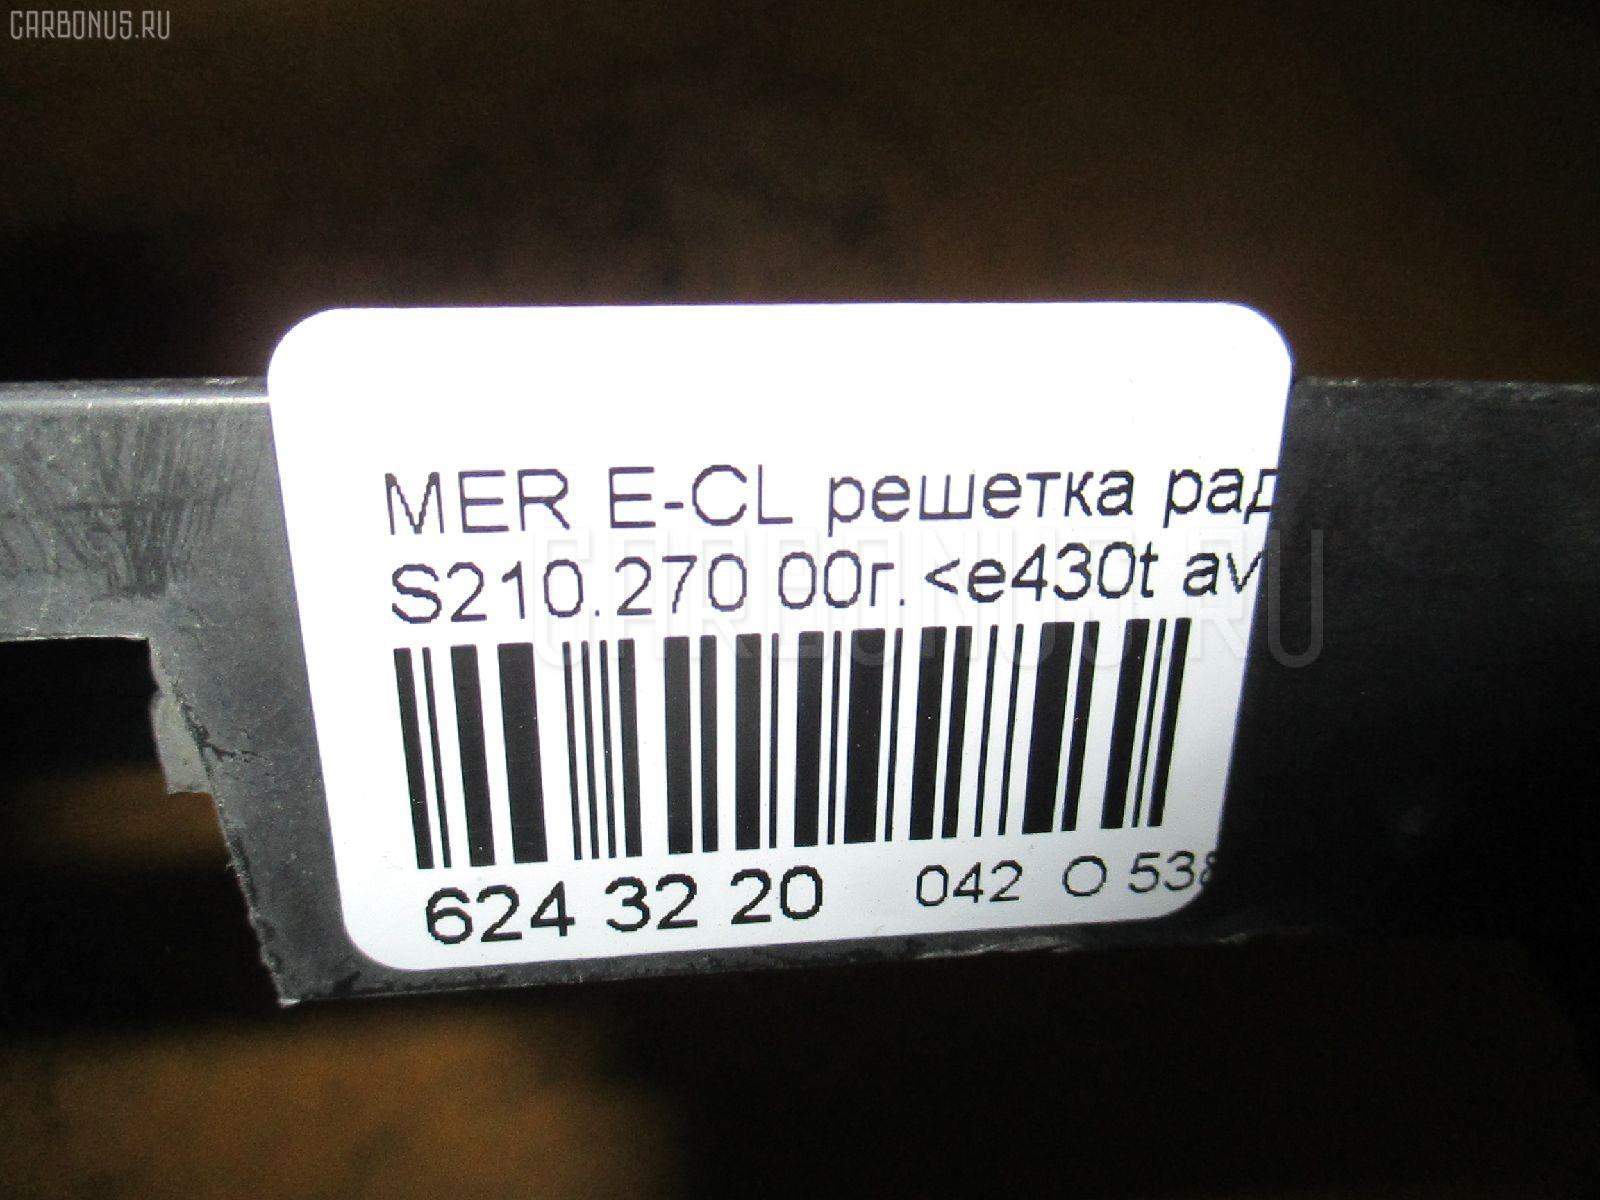 Решетка радиатора MERCEDES-BENZ E-CLASS STATION WAGON S210.270 Фото 7